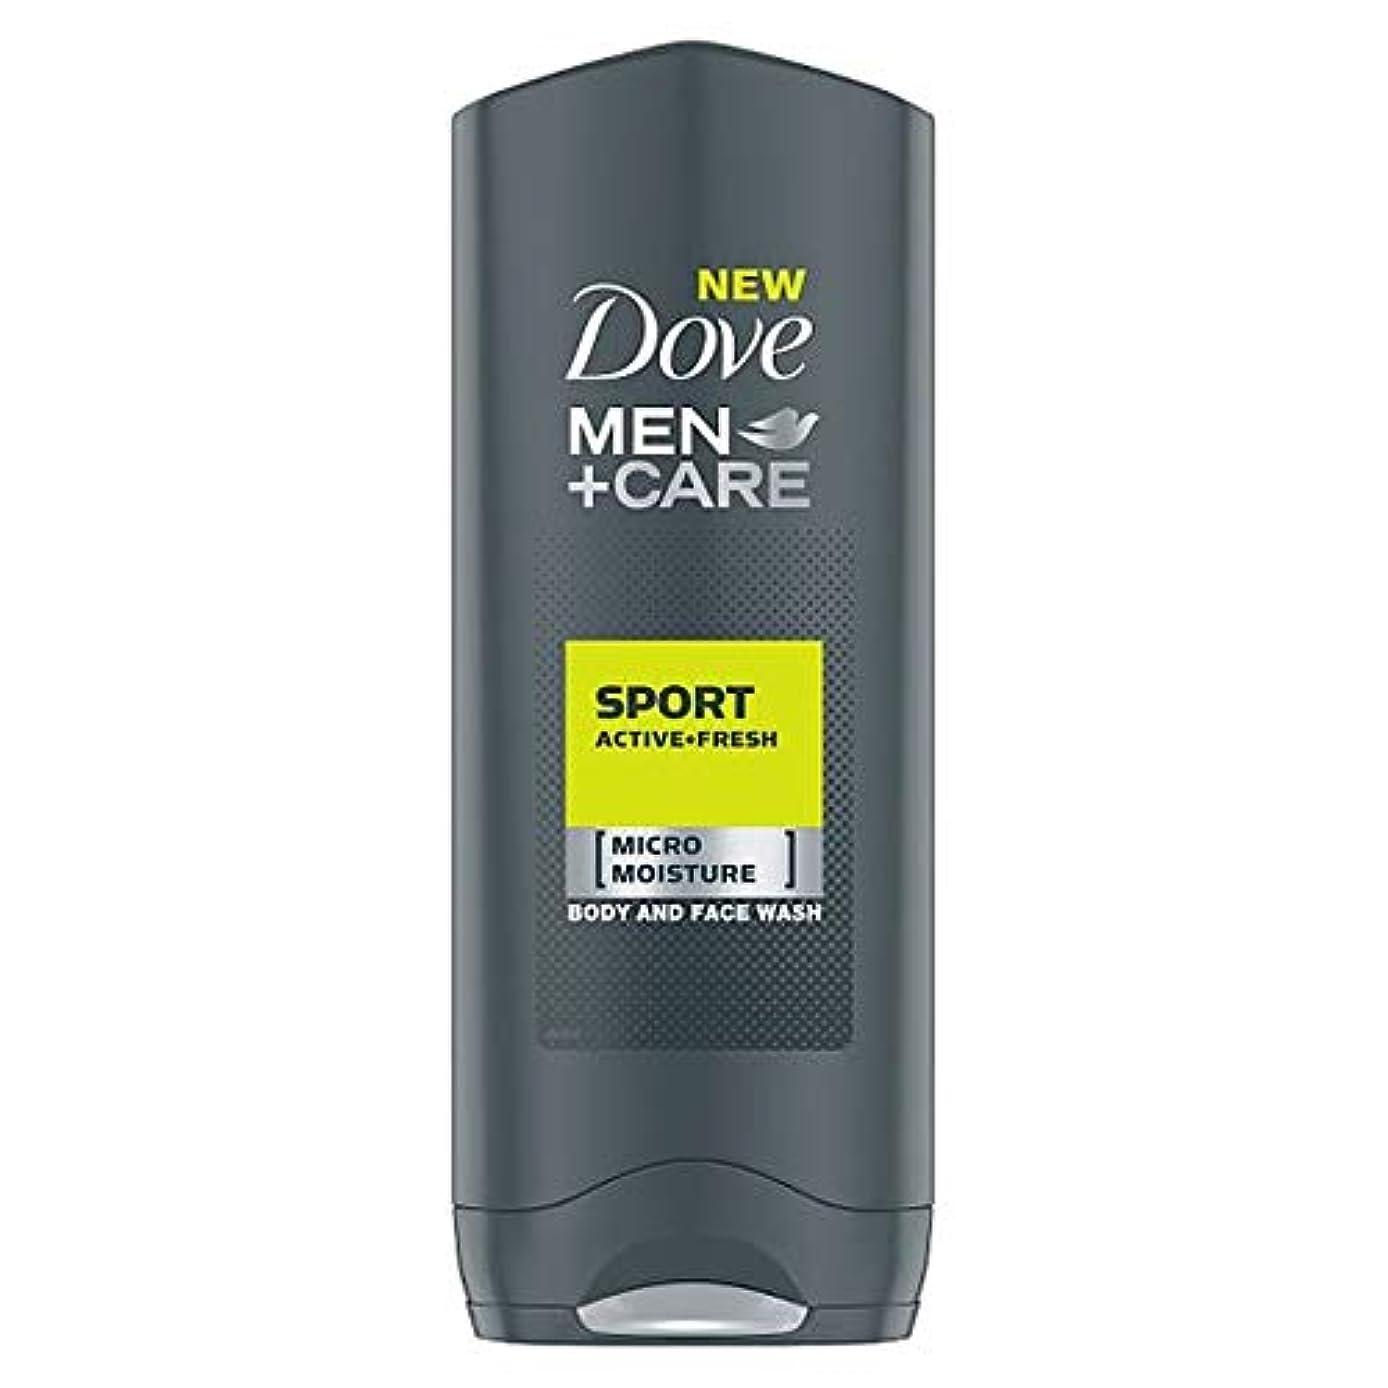 名詞世紀チャーミング[Dove] 鳩の男性+ケアスポーツアクティブフレッシュボディウォッシュ250ミリリットル - Dove Men+Care Sport Active Fresh Body Wash 250Ml [並行輸入品]